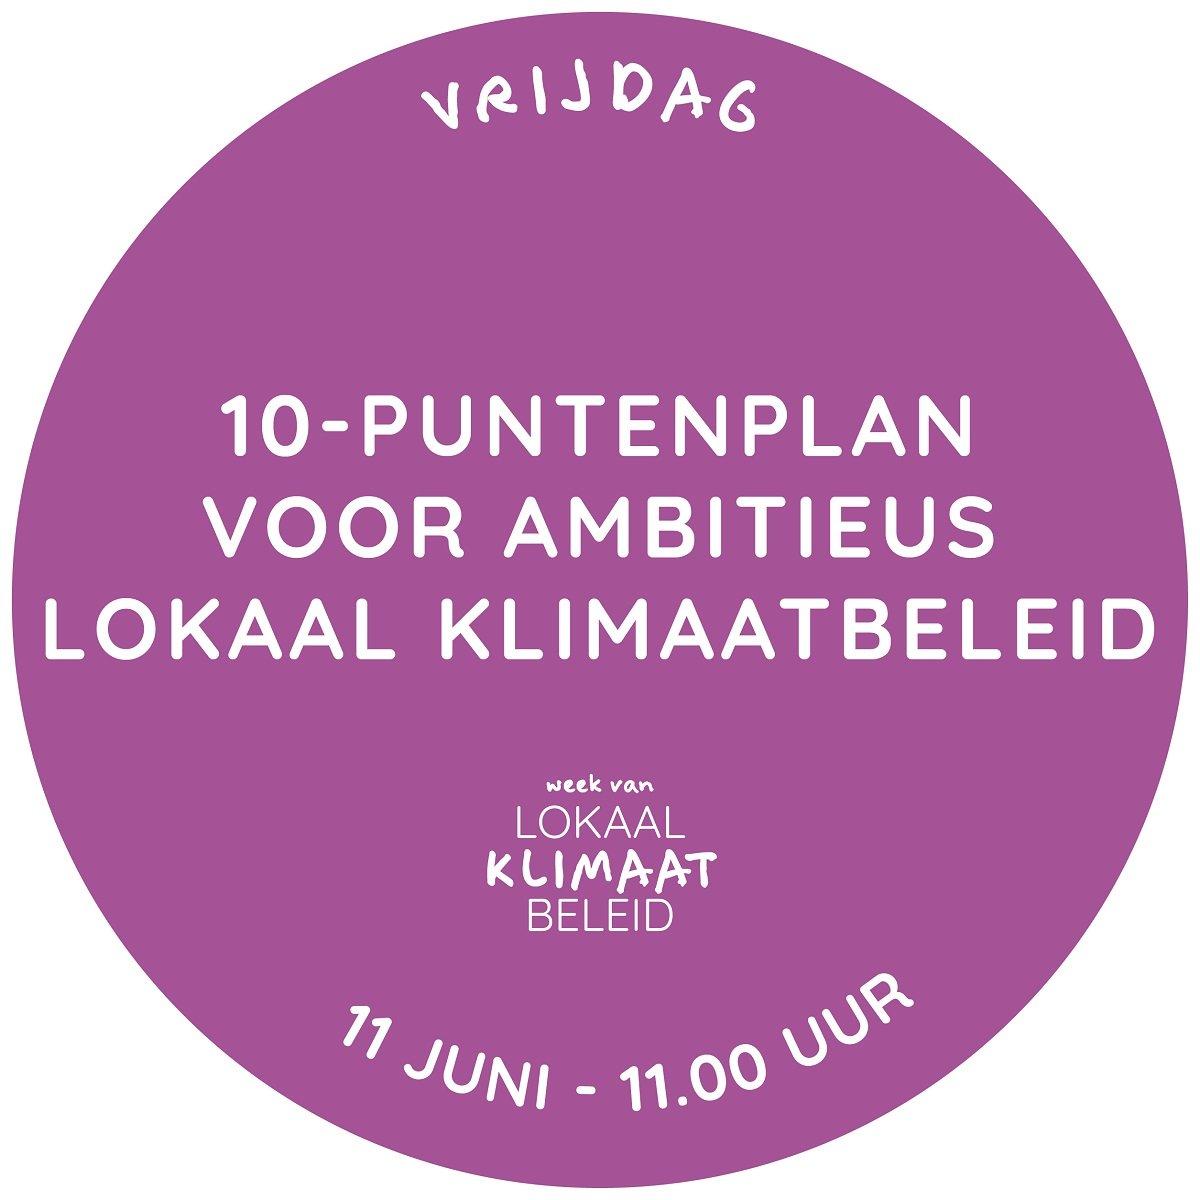 10-puntenplan voor Lokaal Klimaatbeleid - Klimaatverbond Nederland